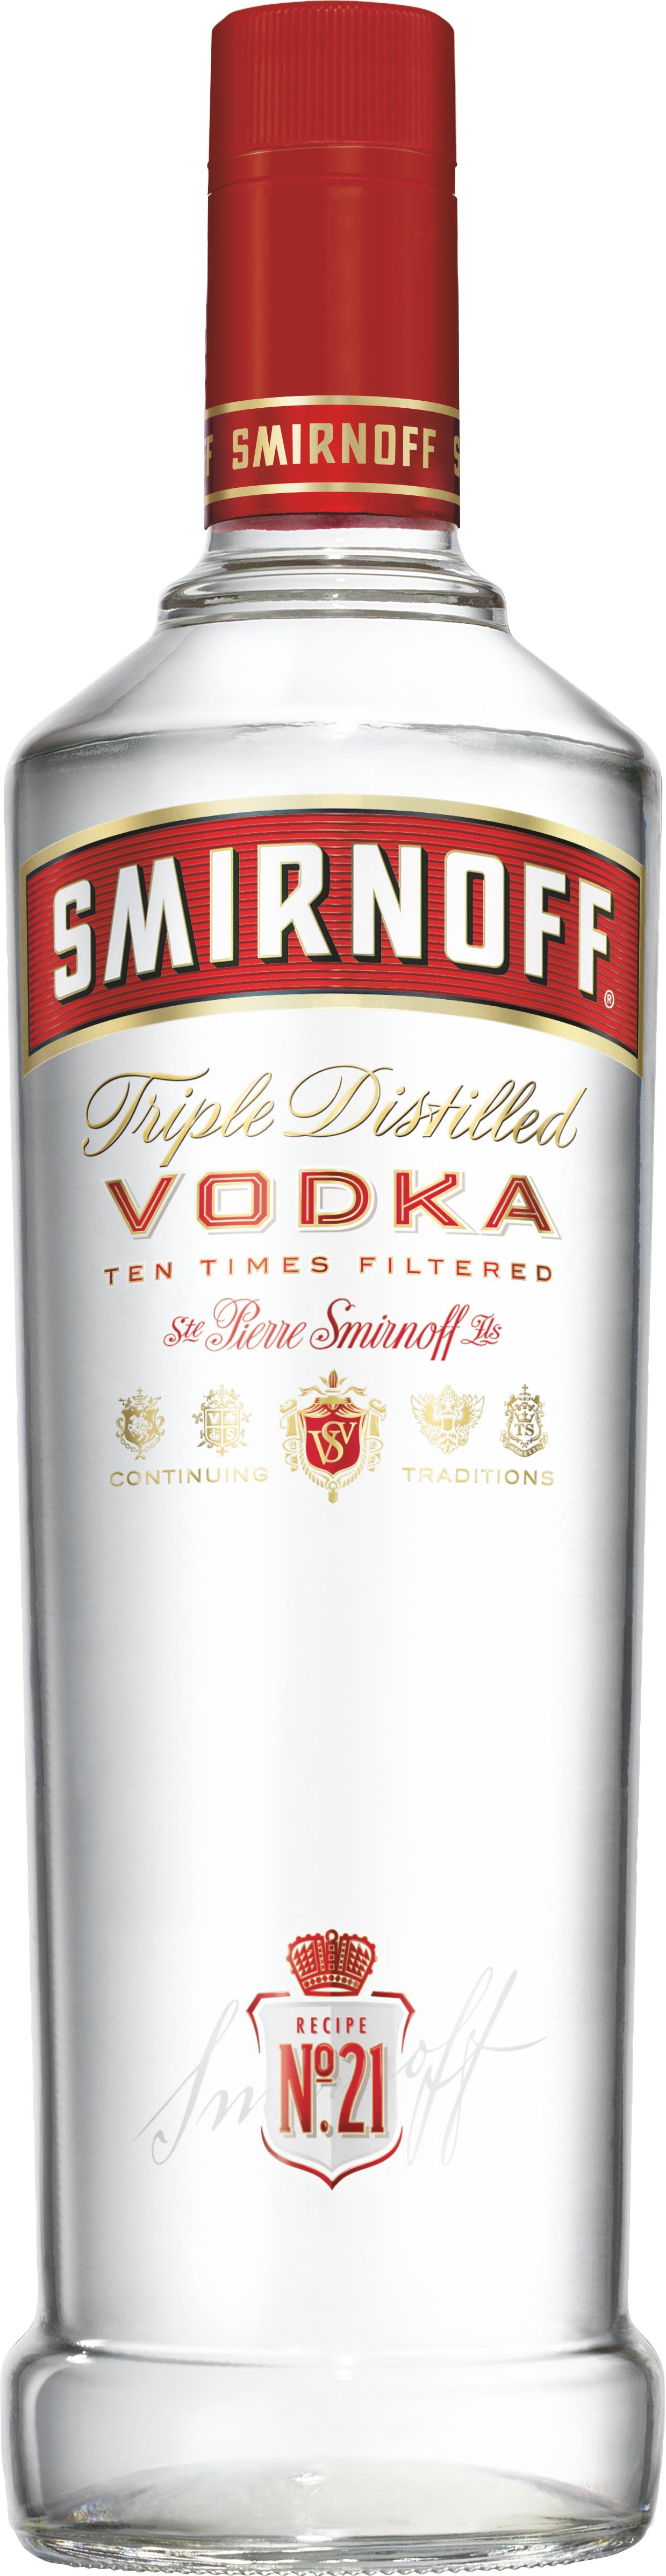 Smirnoff 21 Vodka - 750ml